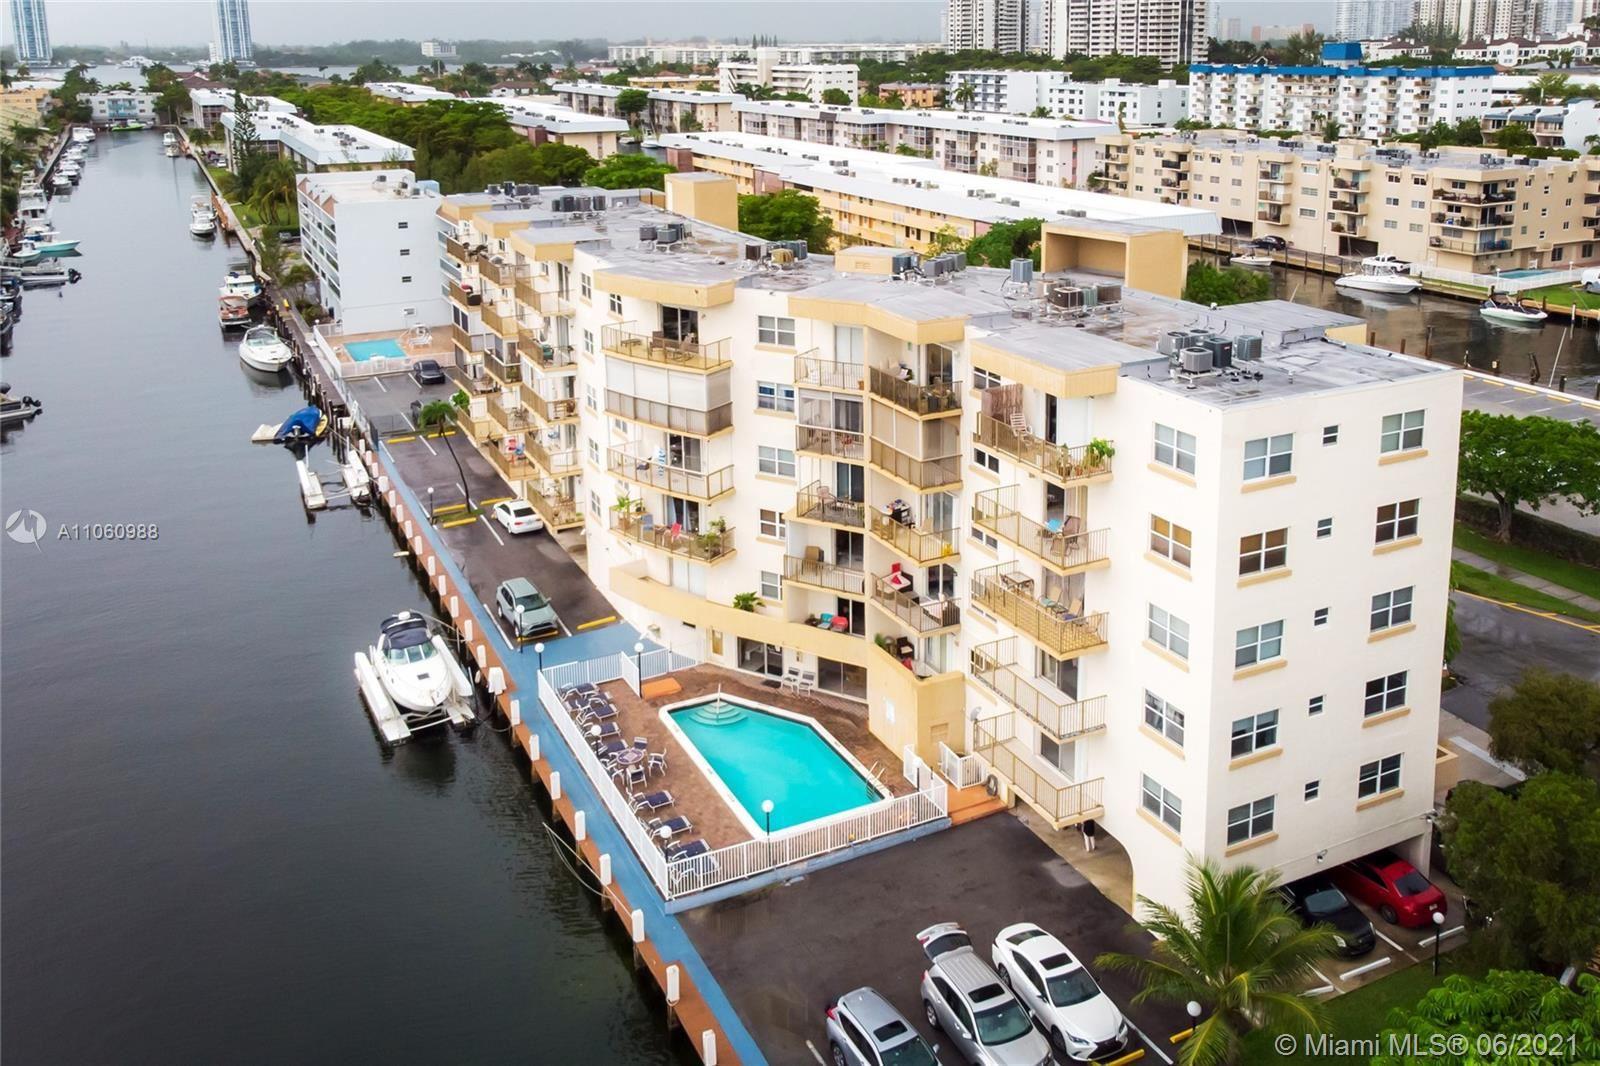 3948 NE 169th St #206, North Miami Beach, FL 33160 - #: A11060988